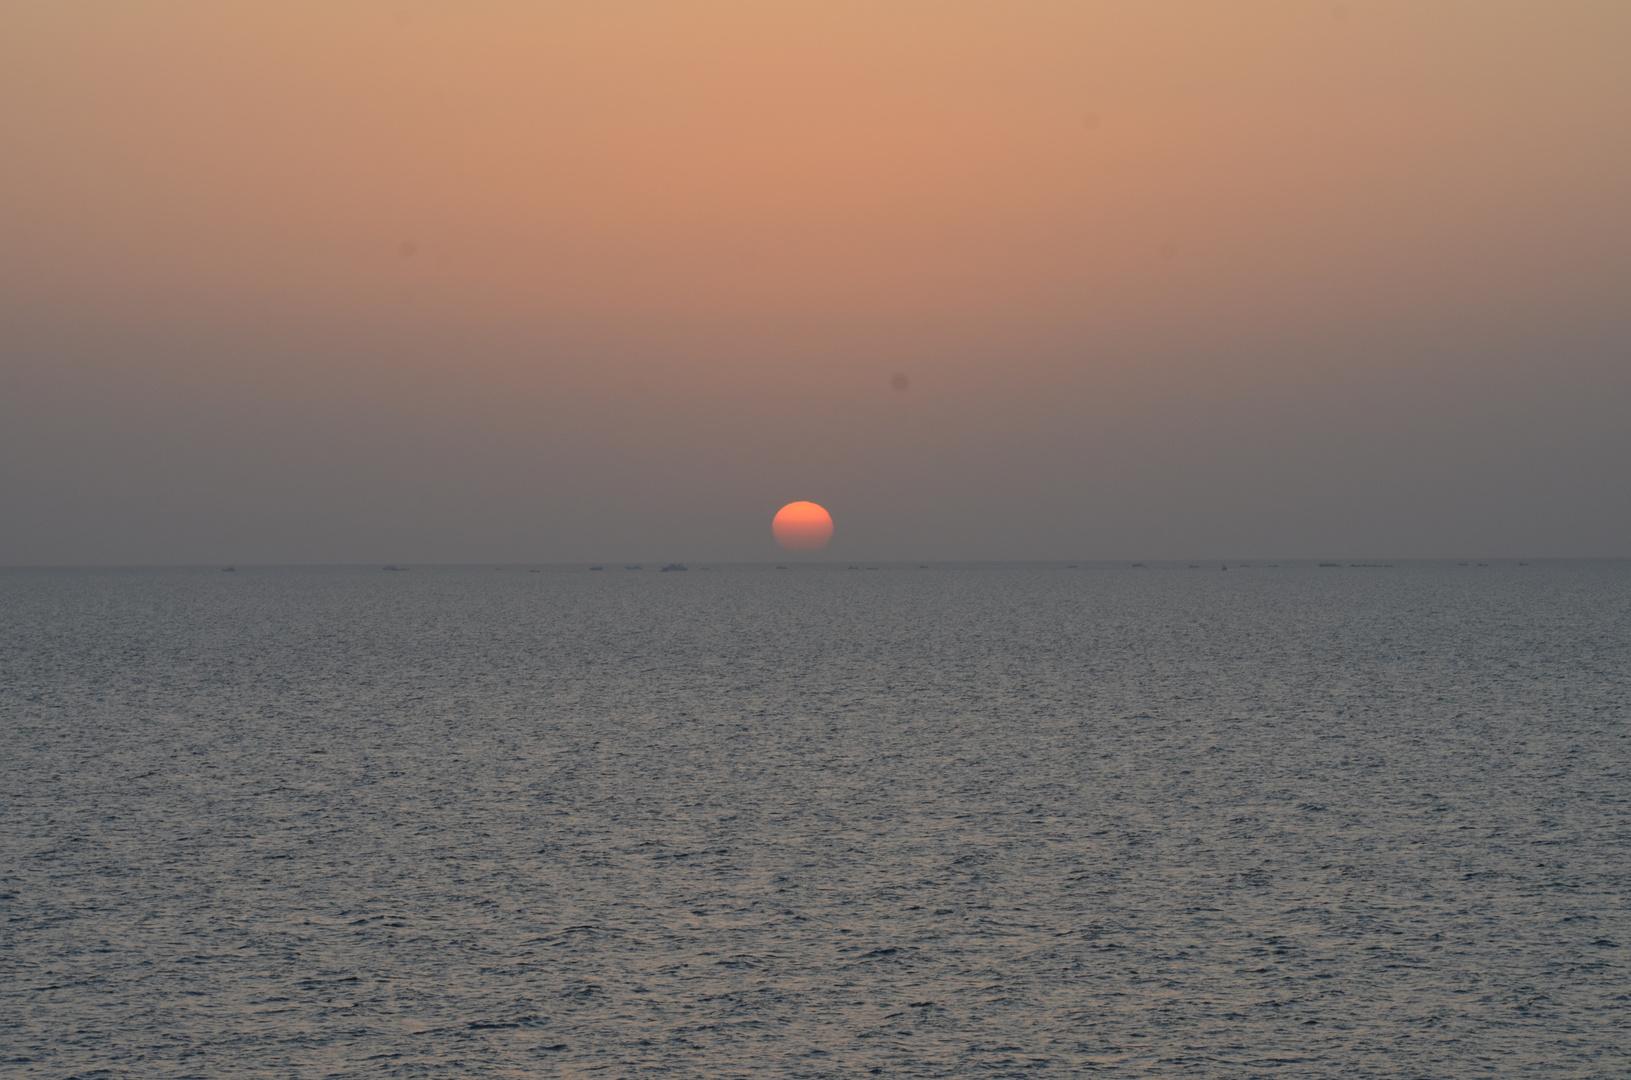 Eines der ersten Bilder des Sonnenaufgangs in Hurghada.